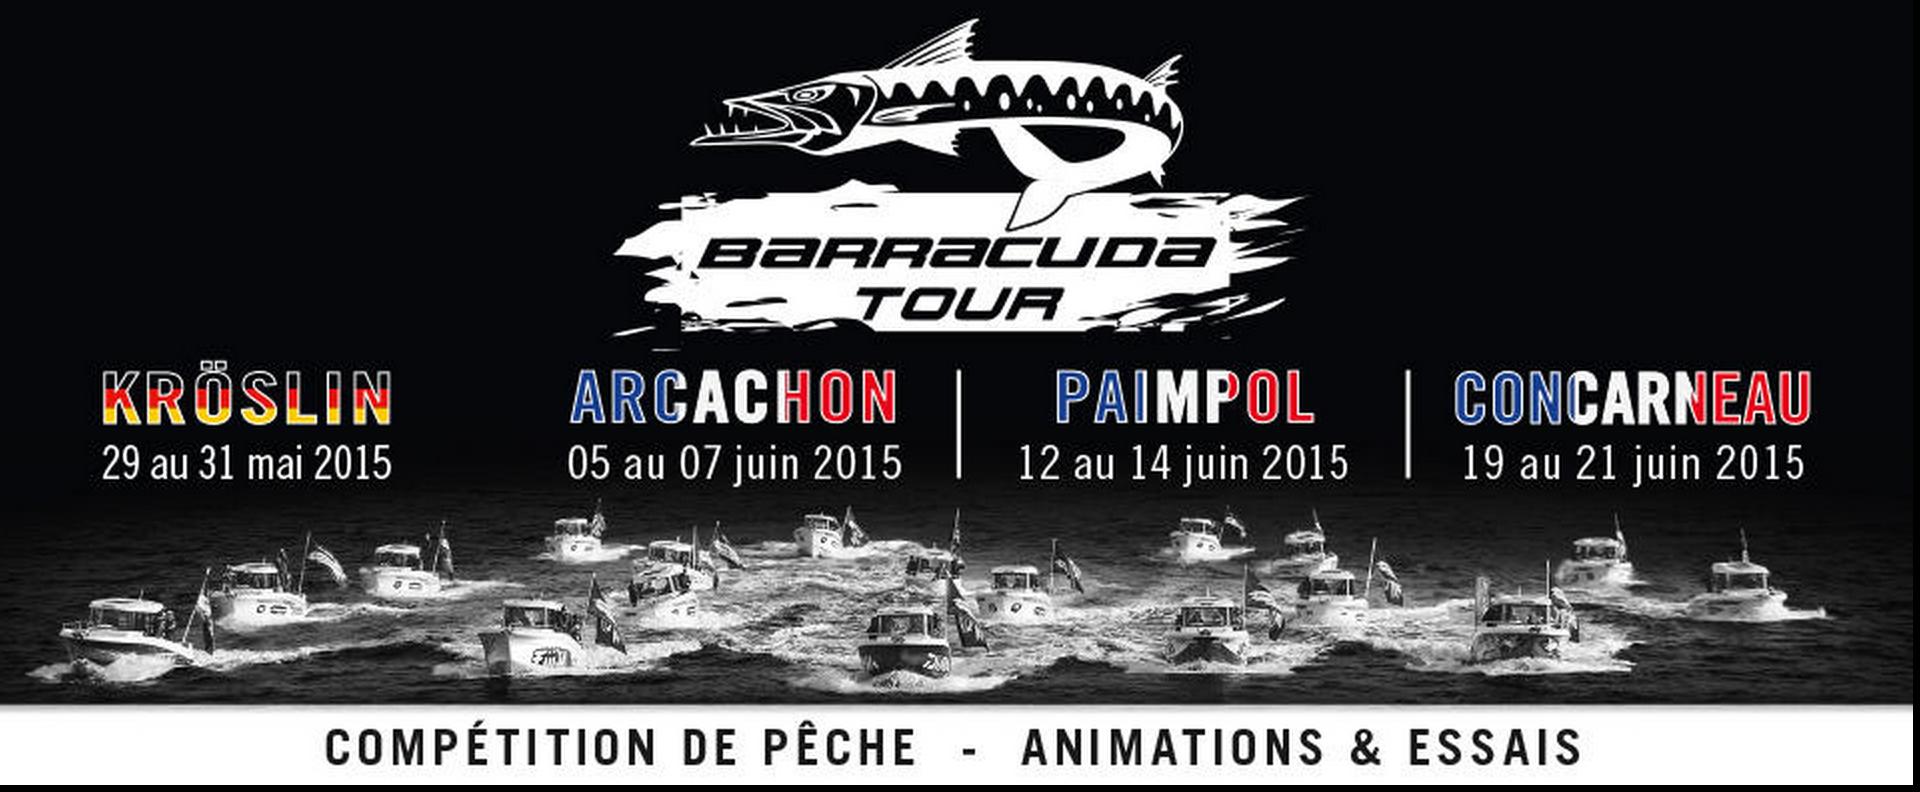 https://static.blog4ever.com/2012/03/678268/2015-Barracuda-Tour-Inscription.PNG